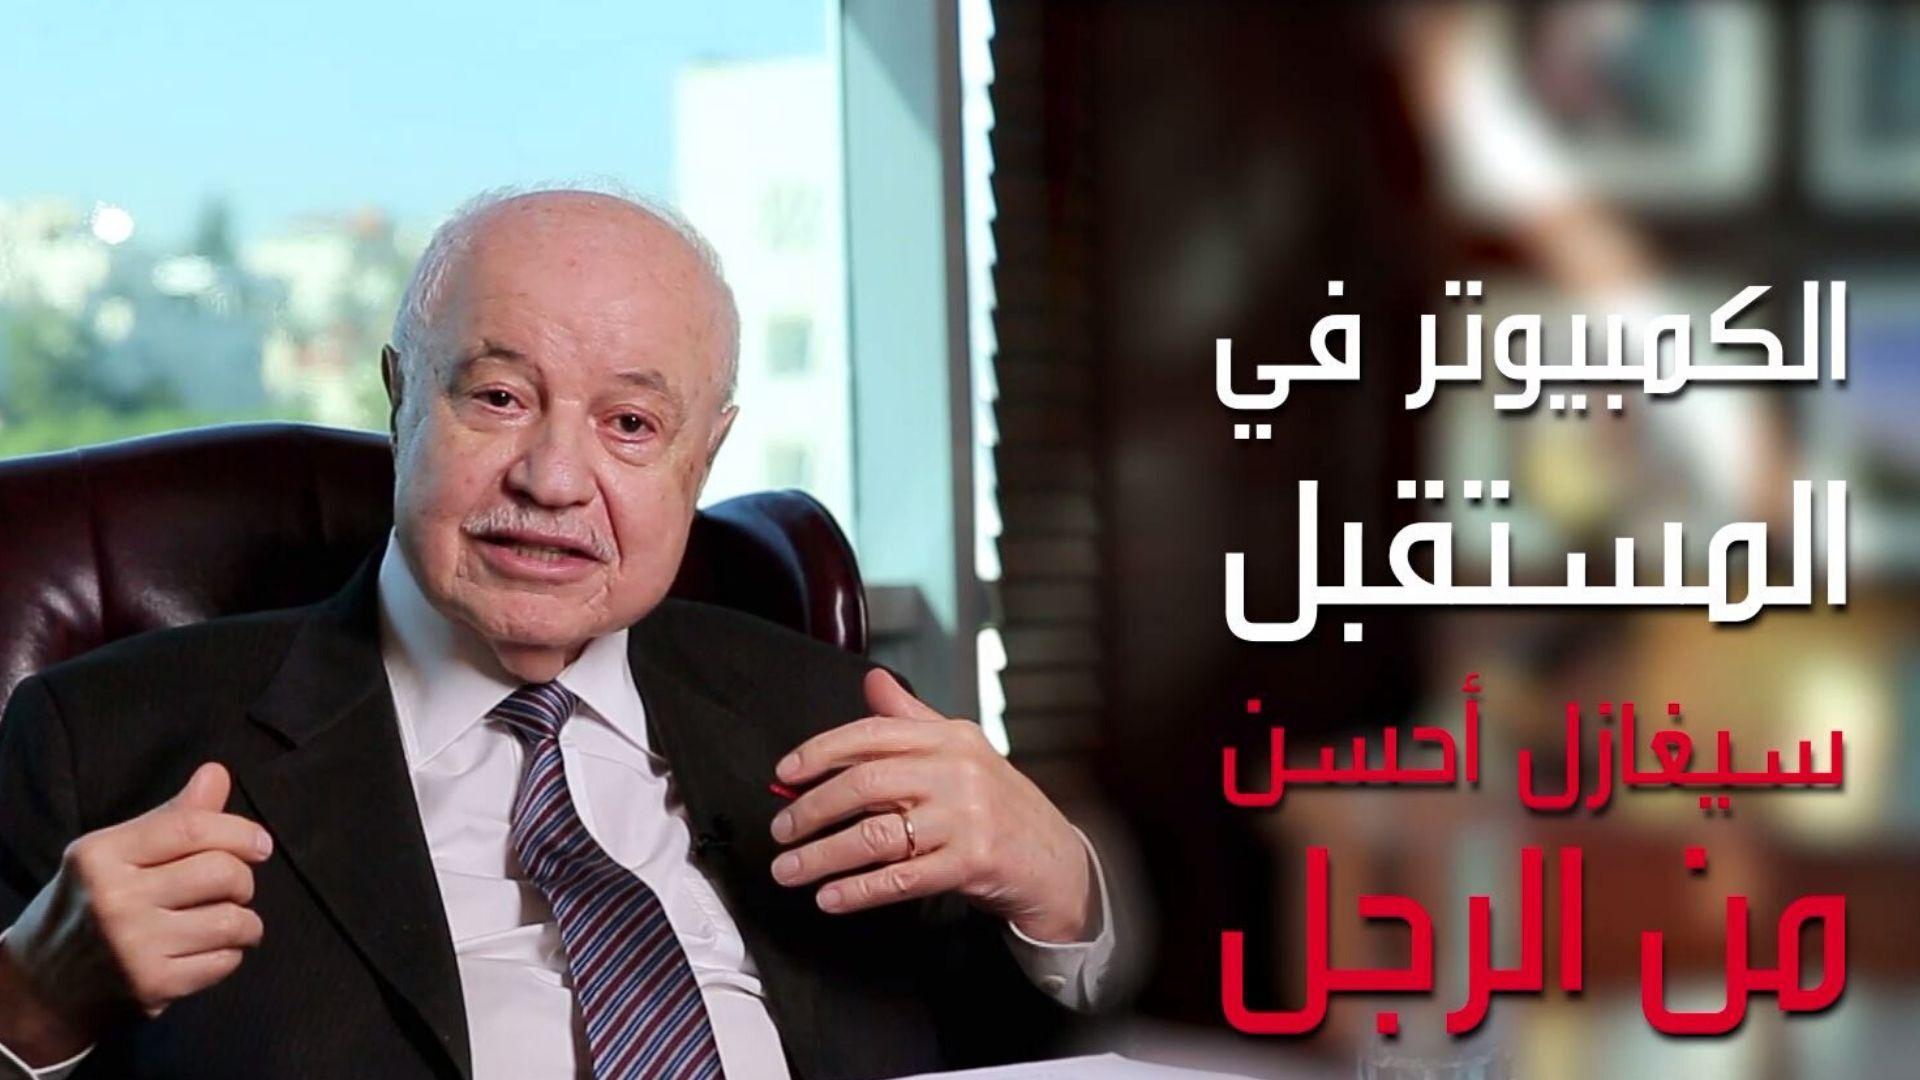 طلال أبو غزالة: الكمبيوتر سيغازل أحسن من الرجل في المستقبل